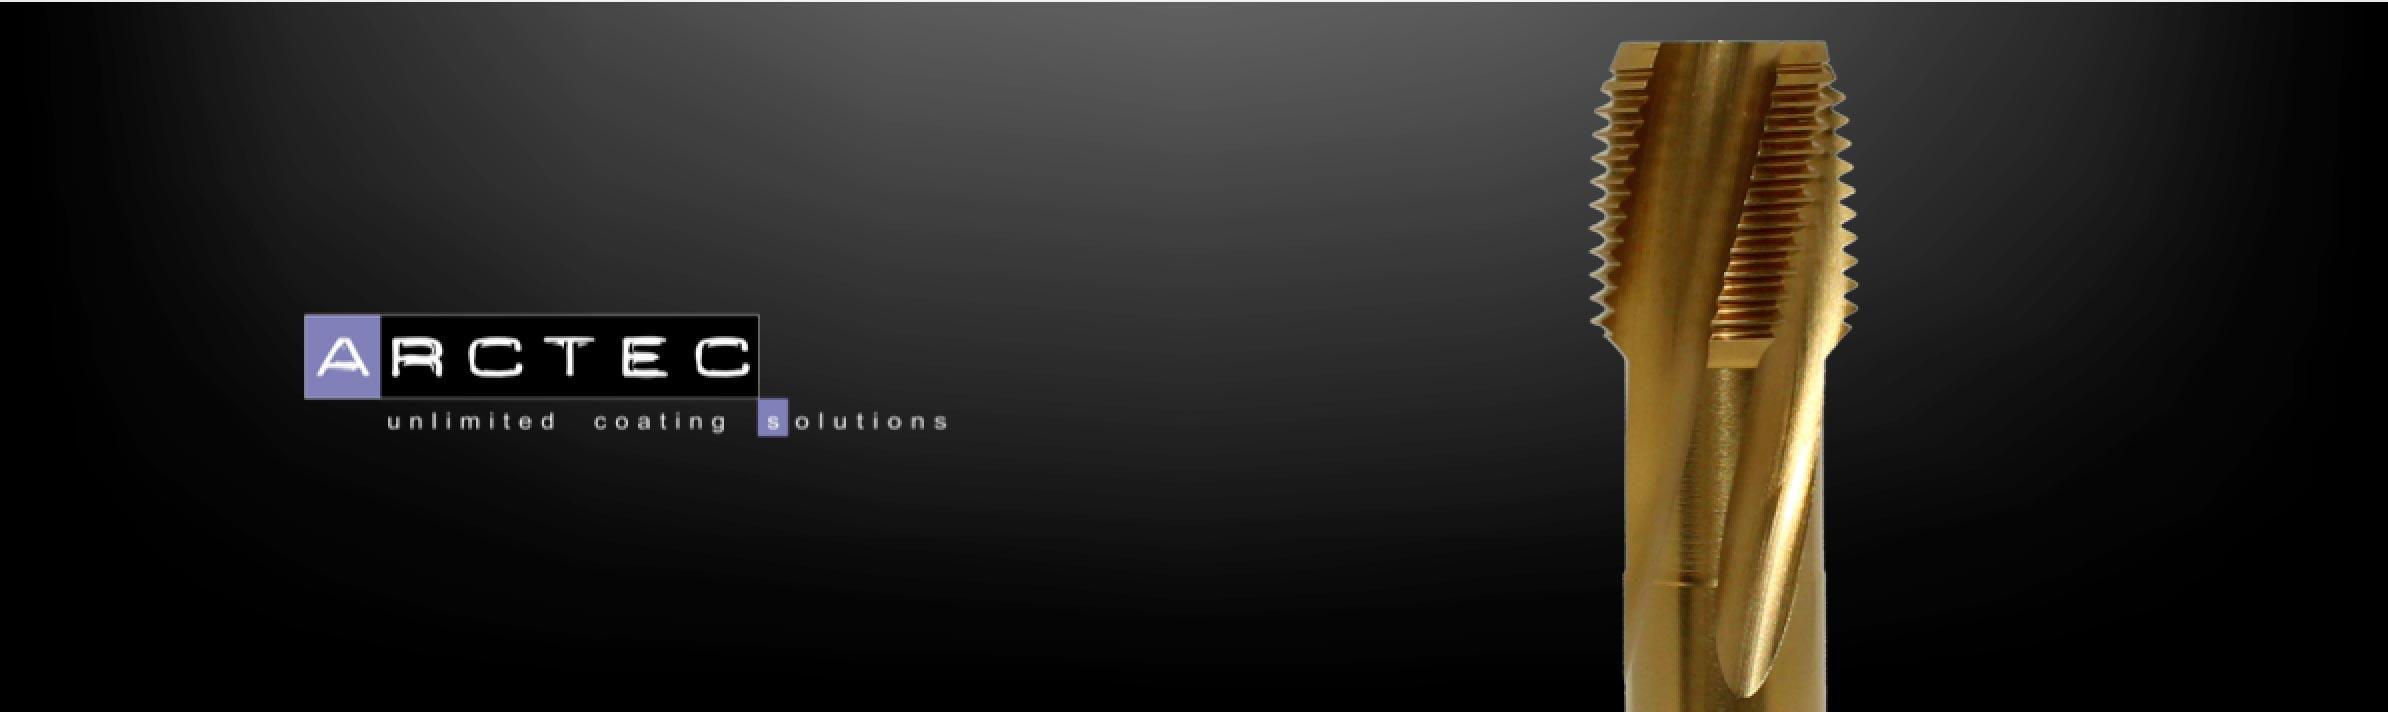 ARCTEC REVETEMENT PVD DURS COUCHES METAL CERAMIQUE SOUS VIDE COATING DÉPOT PHYSICAL VAPOR DEPOSITION PROTECTION DE SURFACE SOLUTIONS USINAGE FORMAGE MOULAGE DISPOSITIF MEDICAL COMPOSANTS ET ELEMENTS MECANIQUES DE PRÉCISION DECORATIF PRODUCTIVITE EFFICACITE USURE CORROSION COLLAGE ABRASION BIOCOMPATIBILITÉ FRANCE RHONE ALPES AUVERGNE HAUTE SAVOIE MARNAZ EXIGENCE RIGUEUR CENTRE DE PRODUCTION LABORATOIRE INGENEERING DE SURFACE